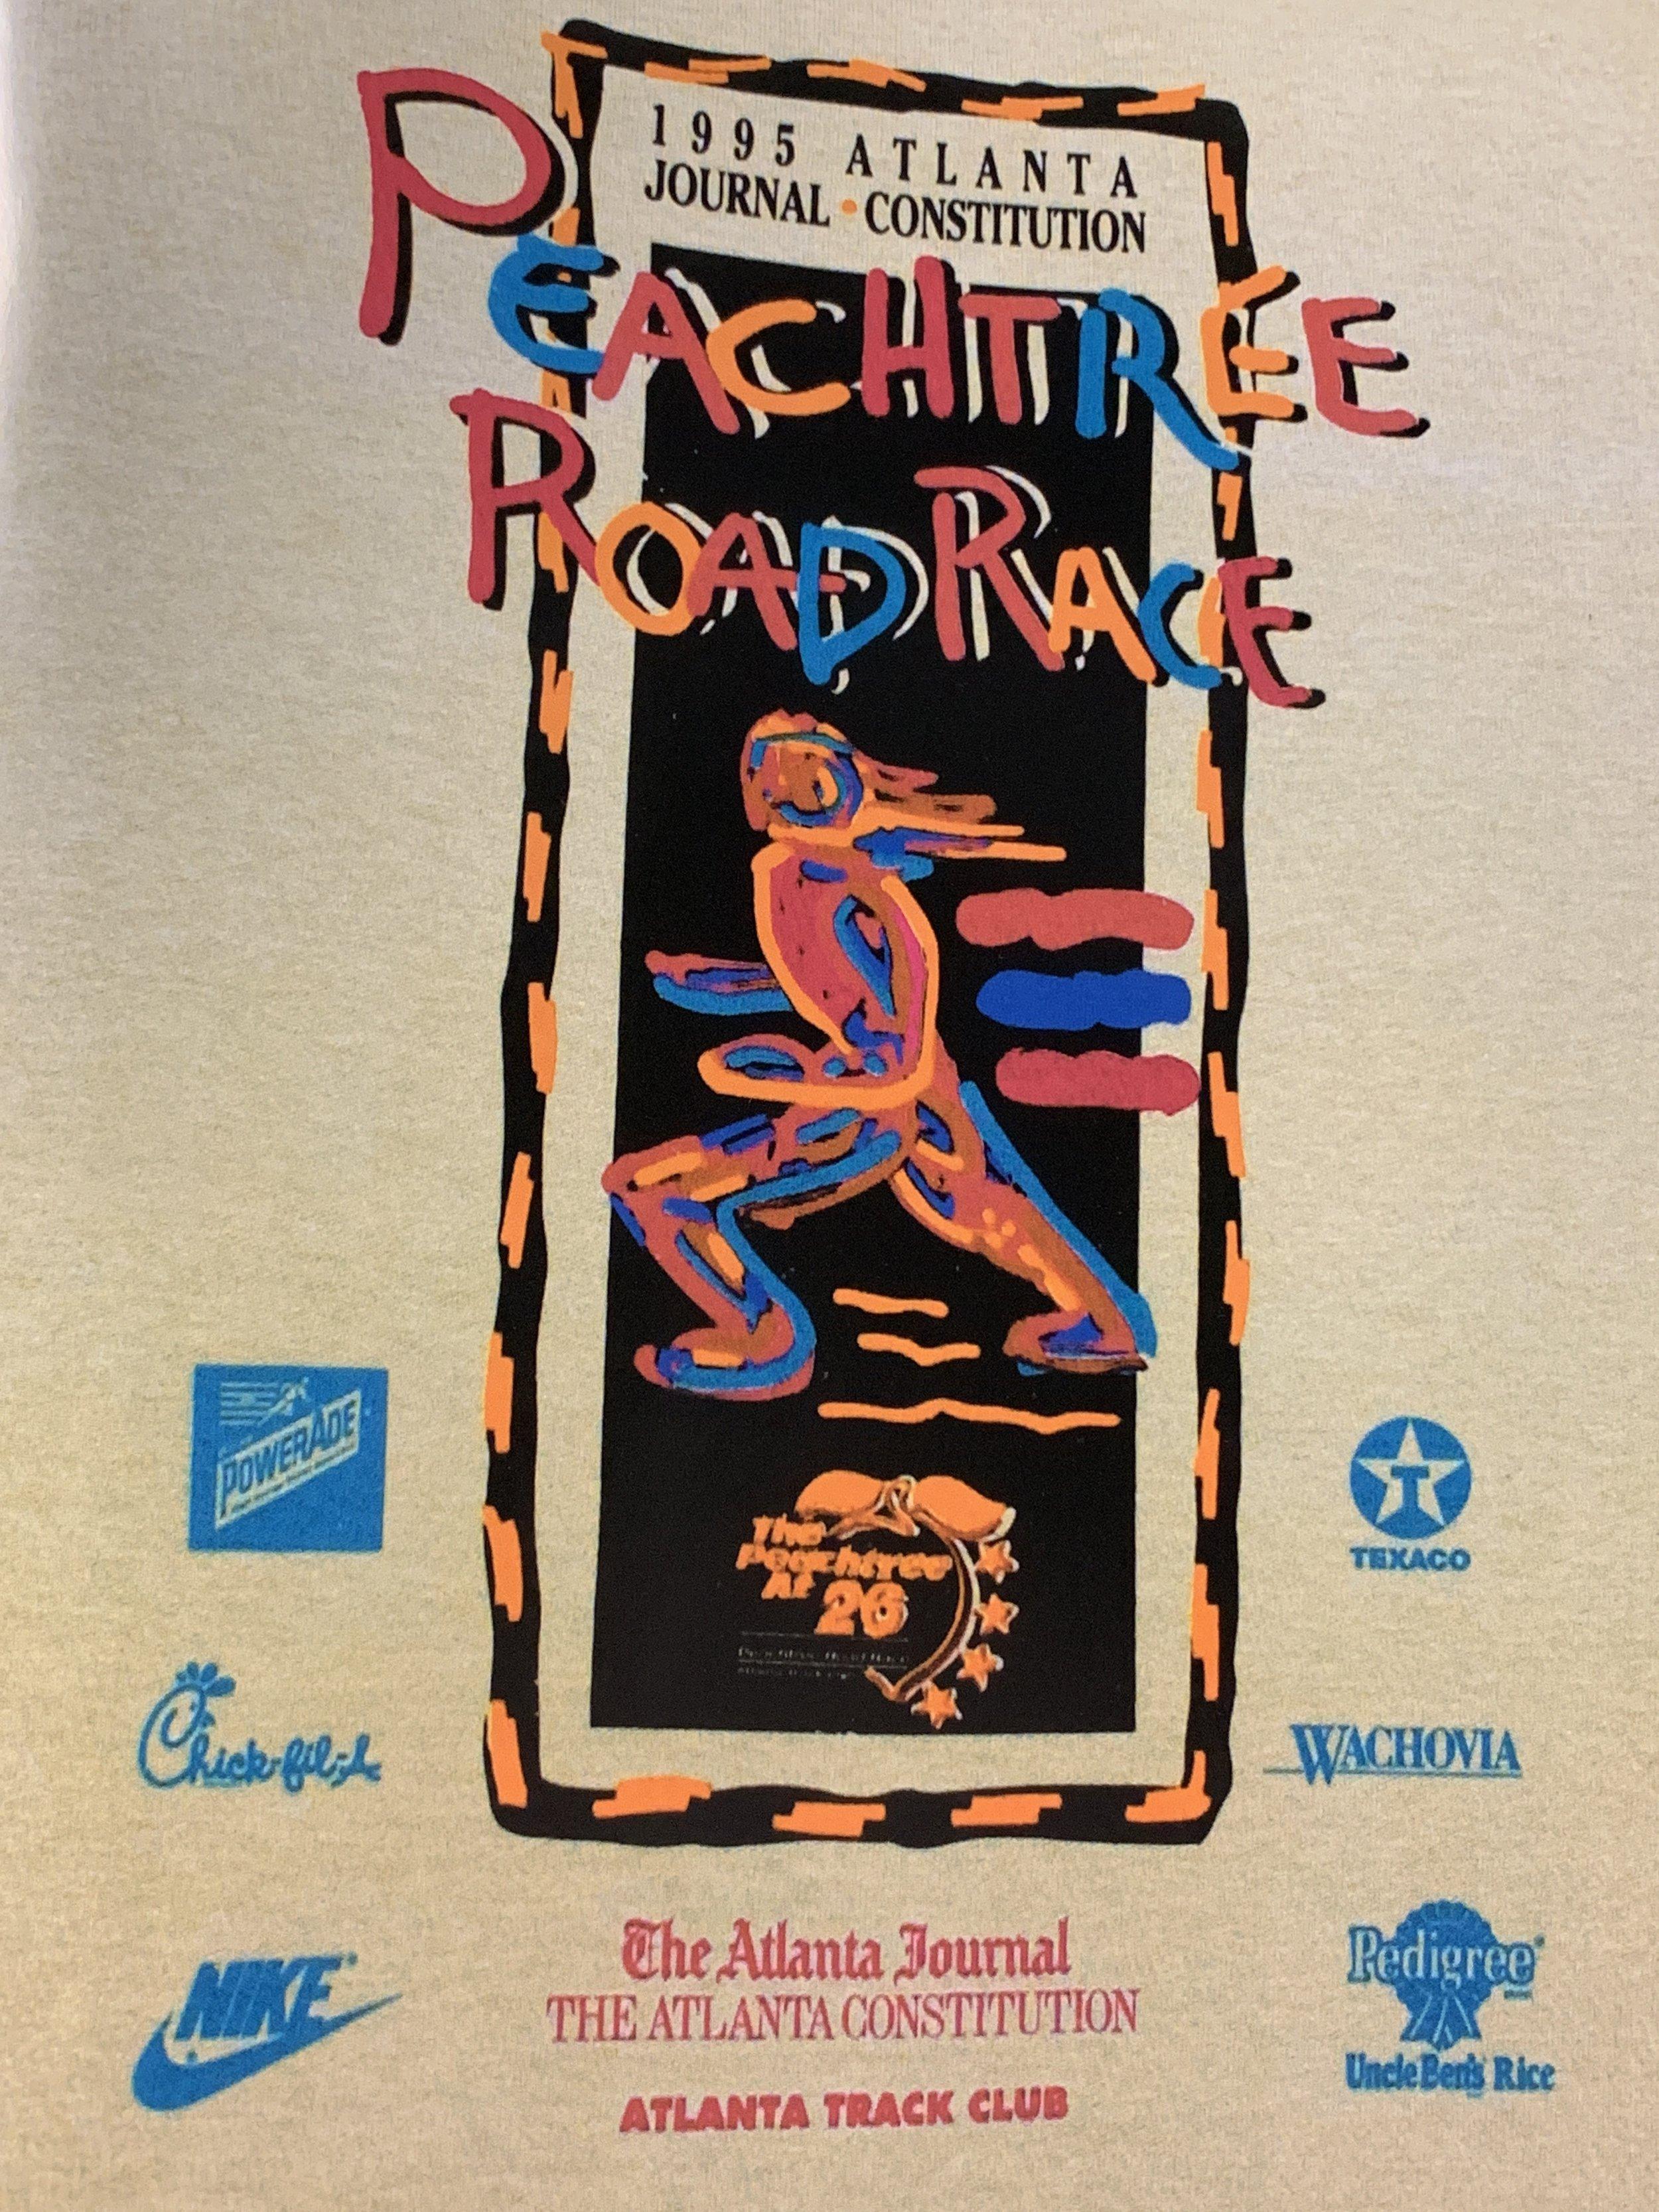 1995 Shirt.jpg